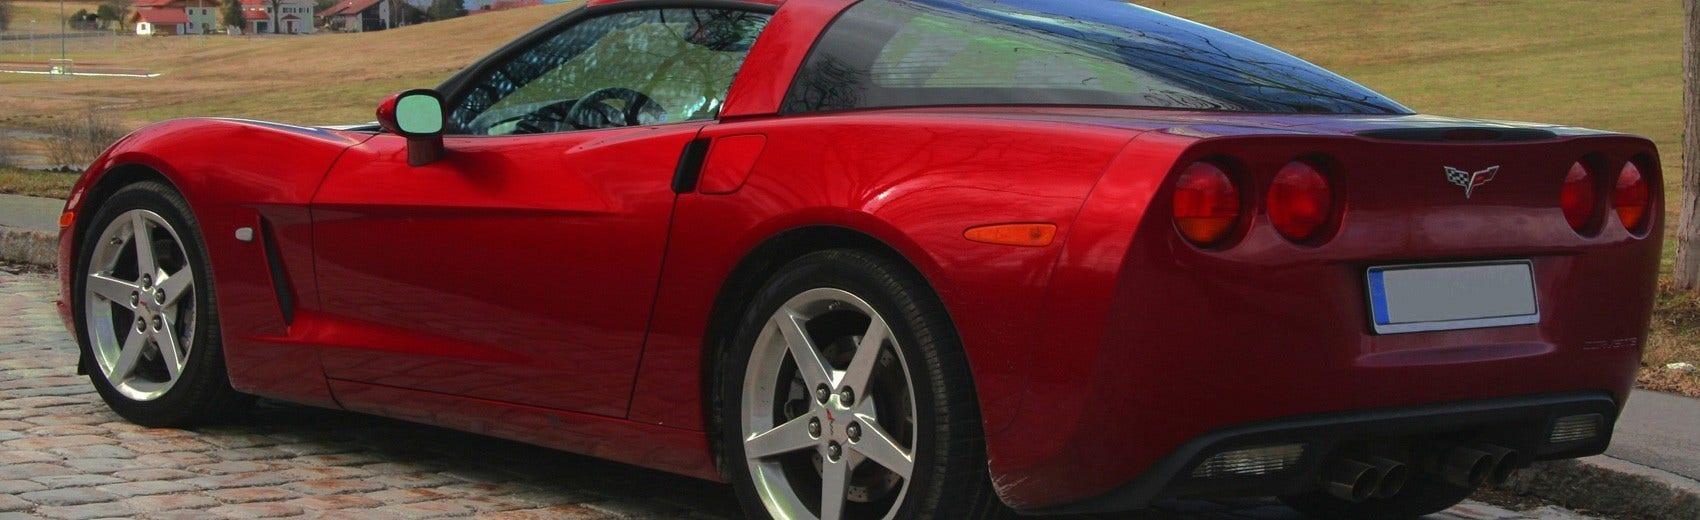 Chevrolet Corvette Performance Parts